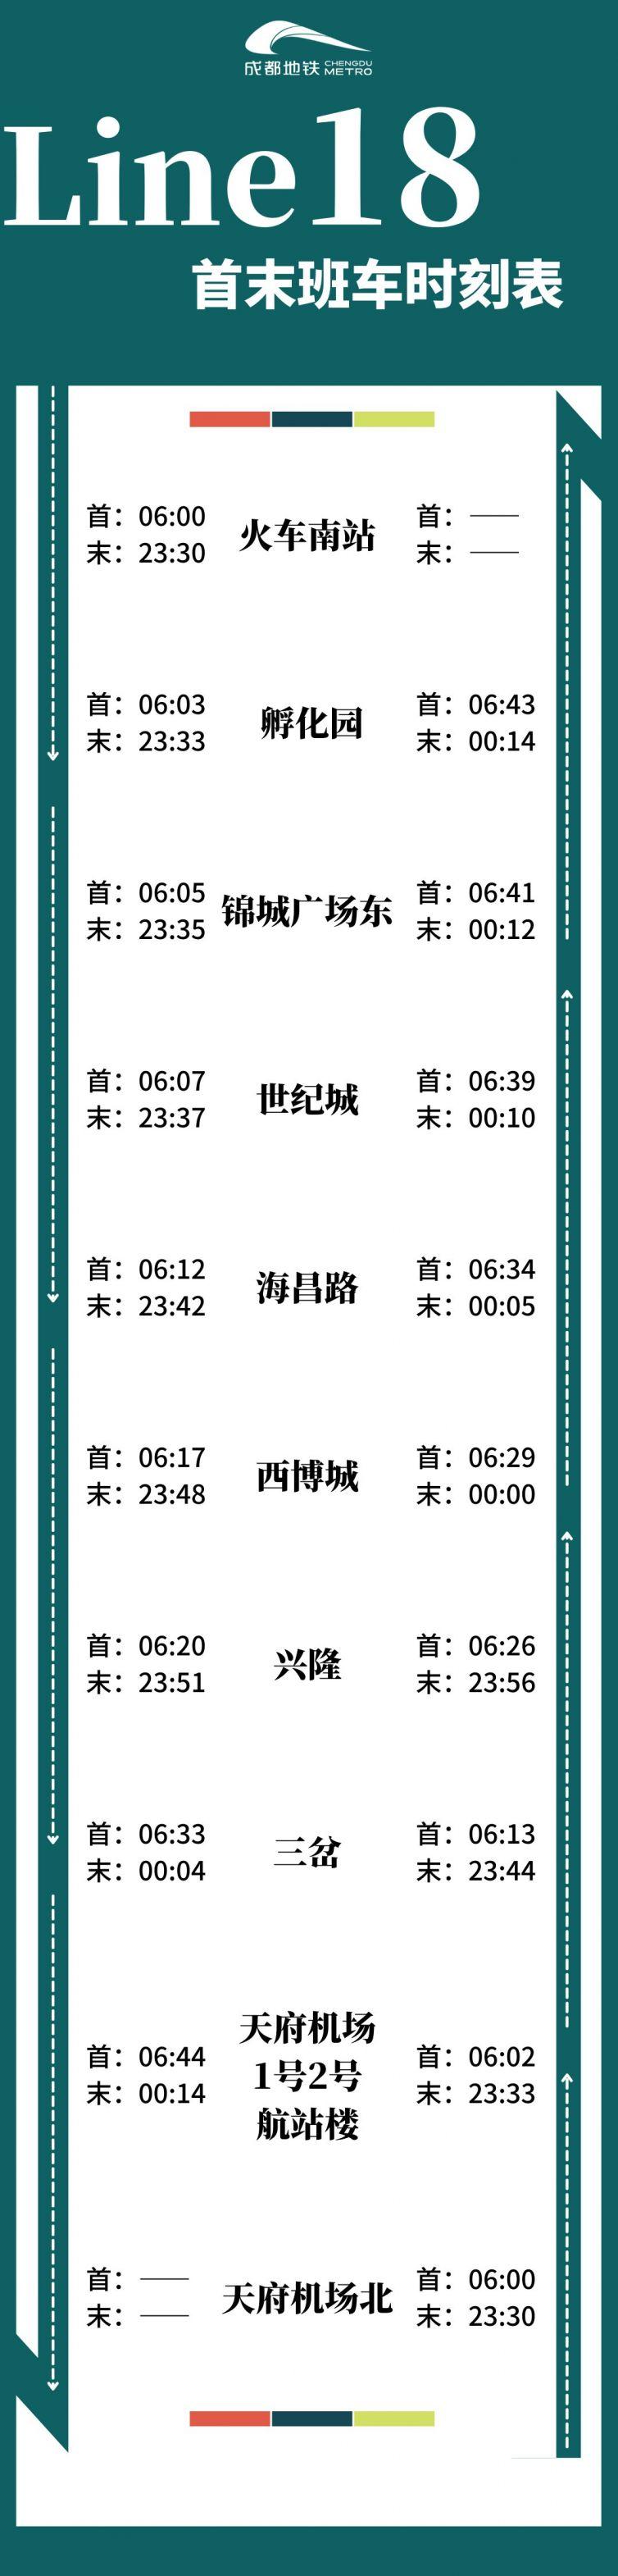 成都市地铁18号线首末班车时刻表